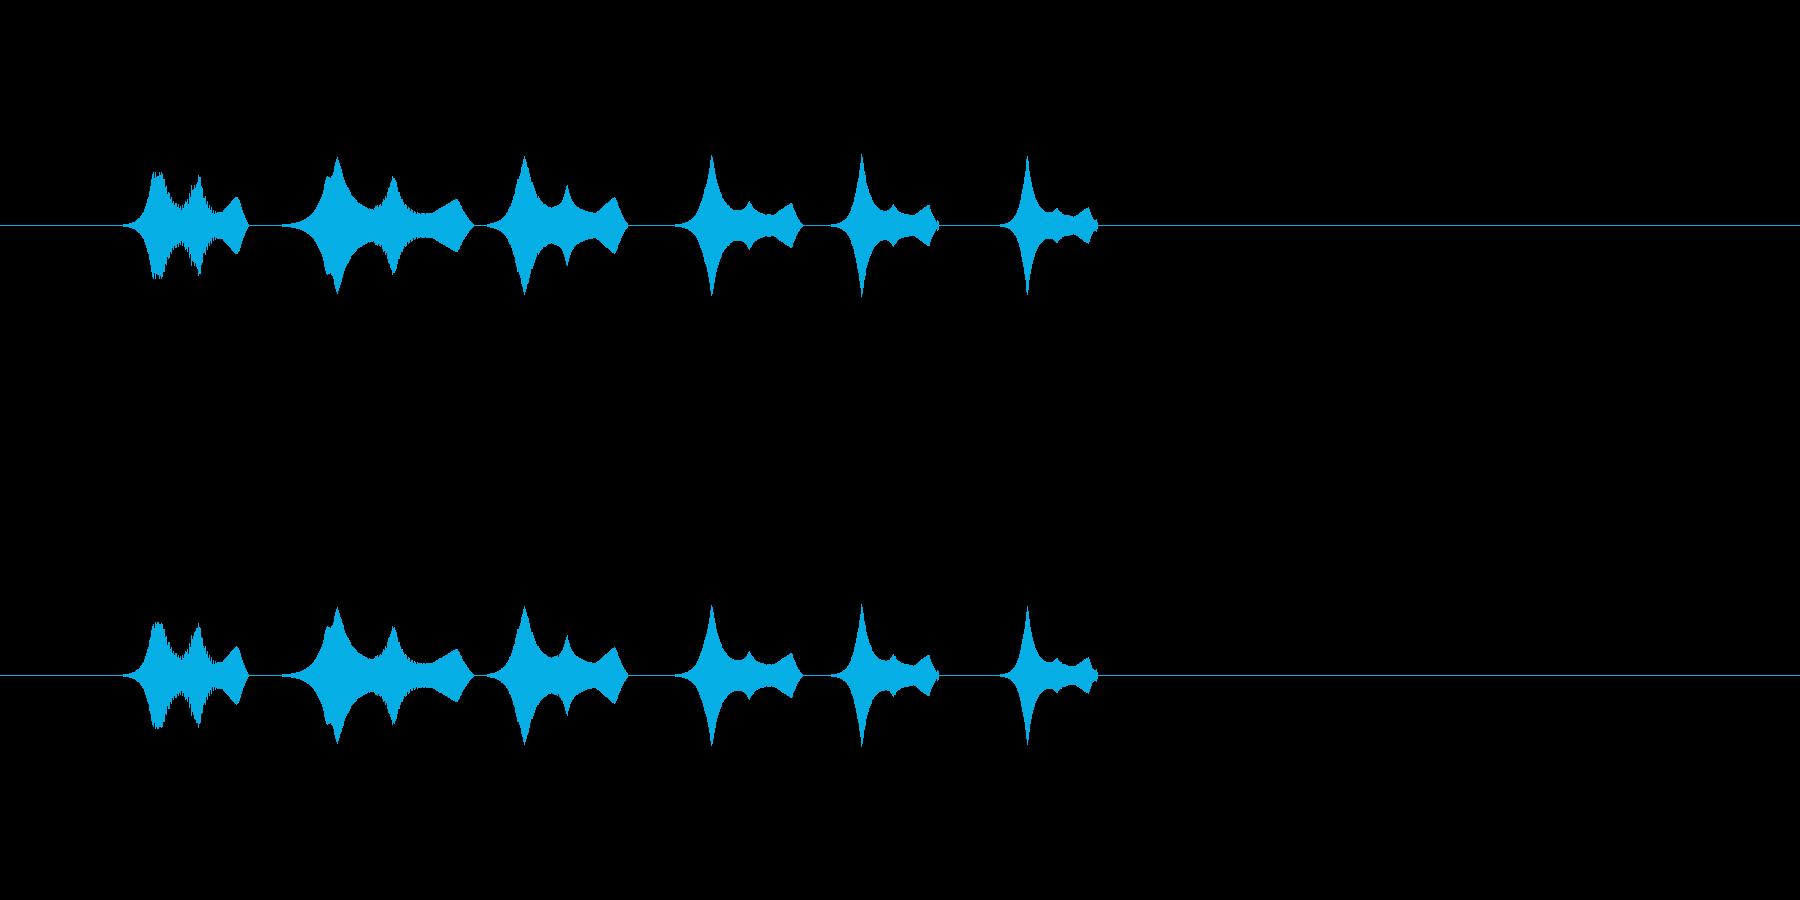 【ポップモーション34-3】の再生済みの波形